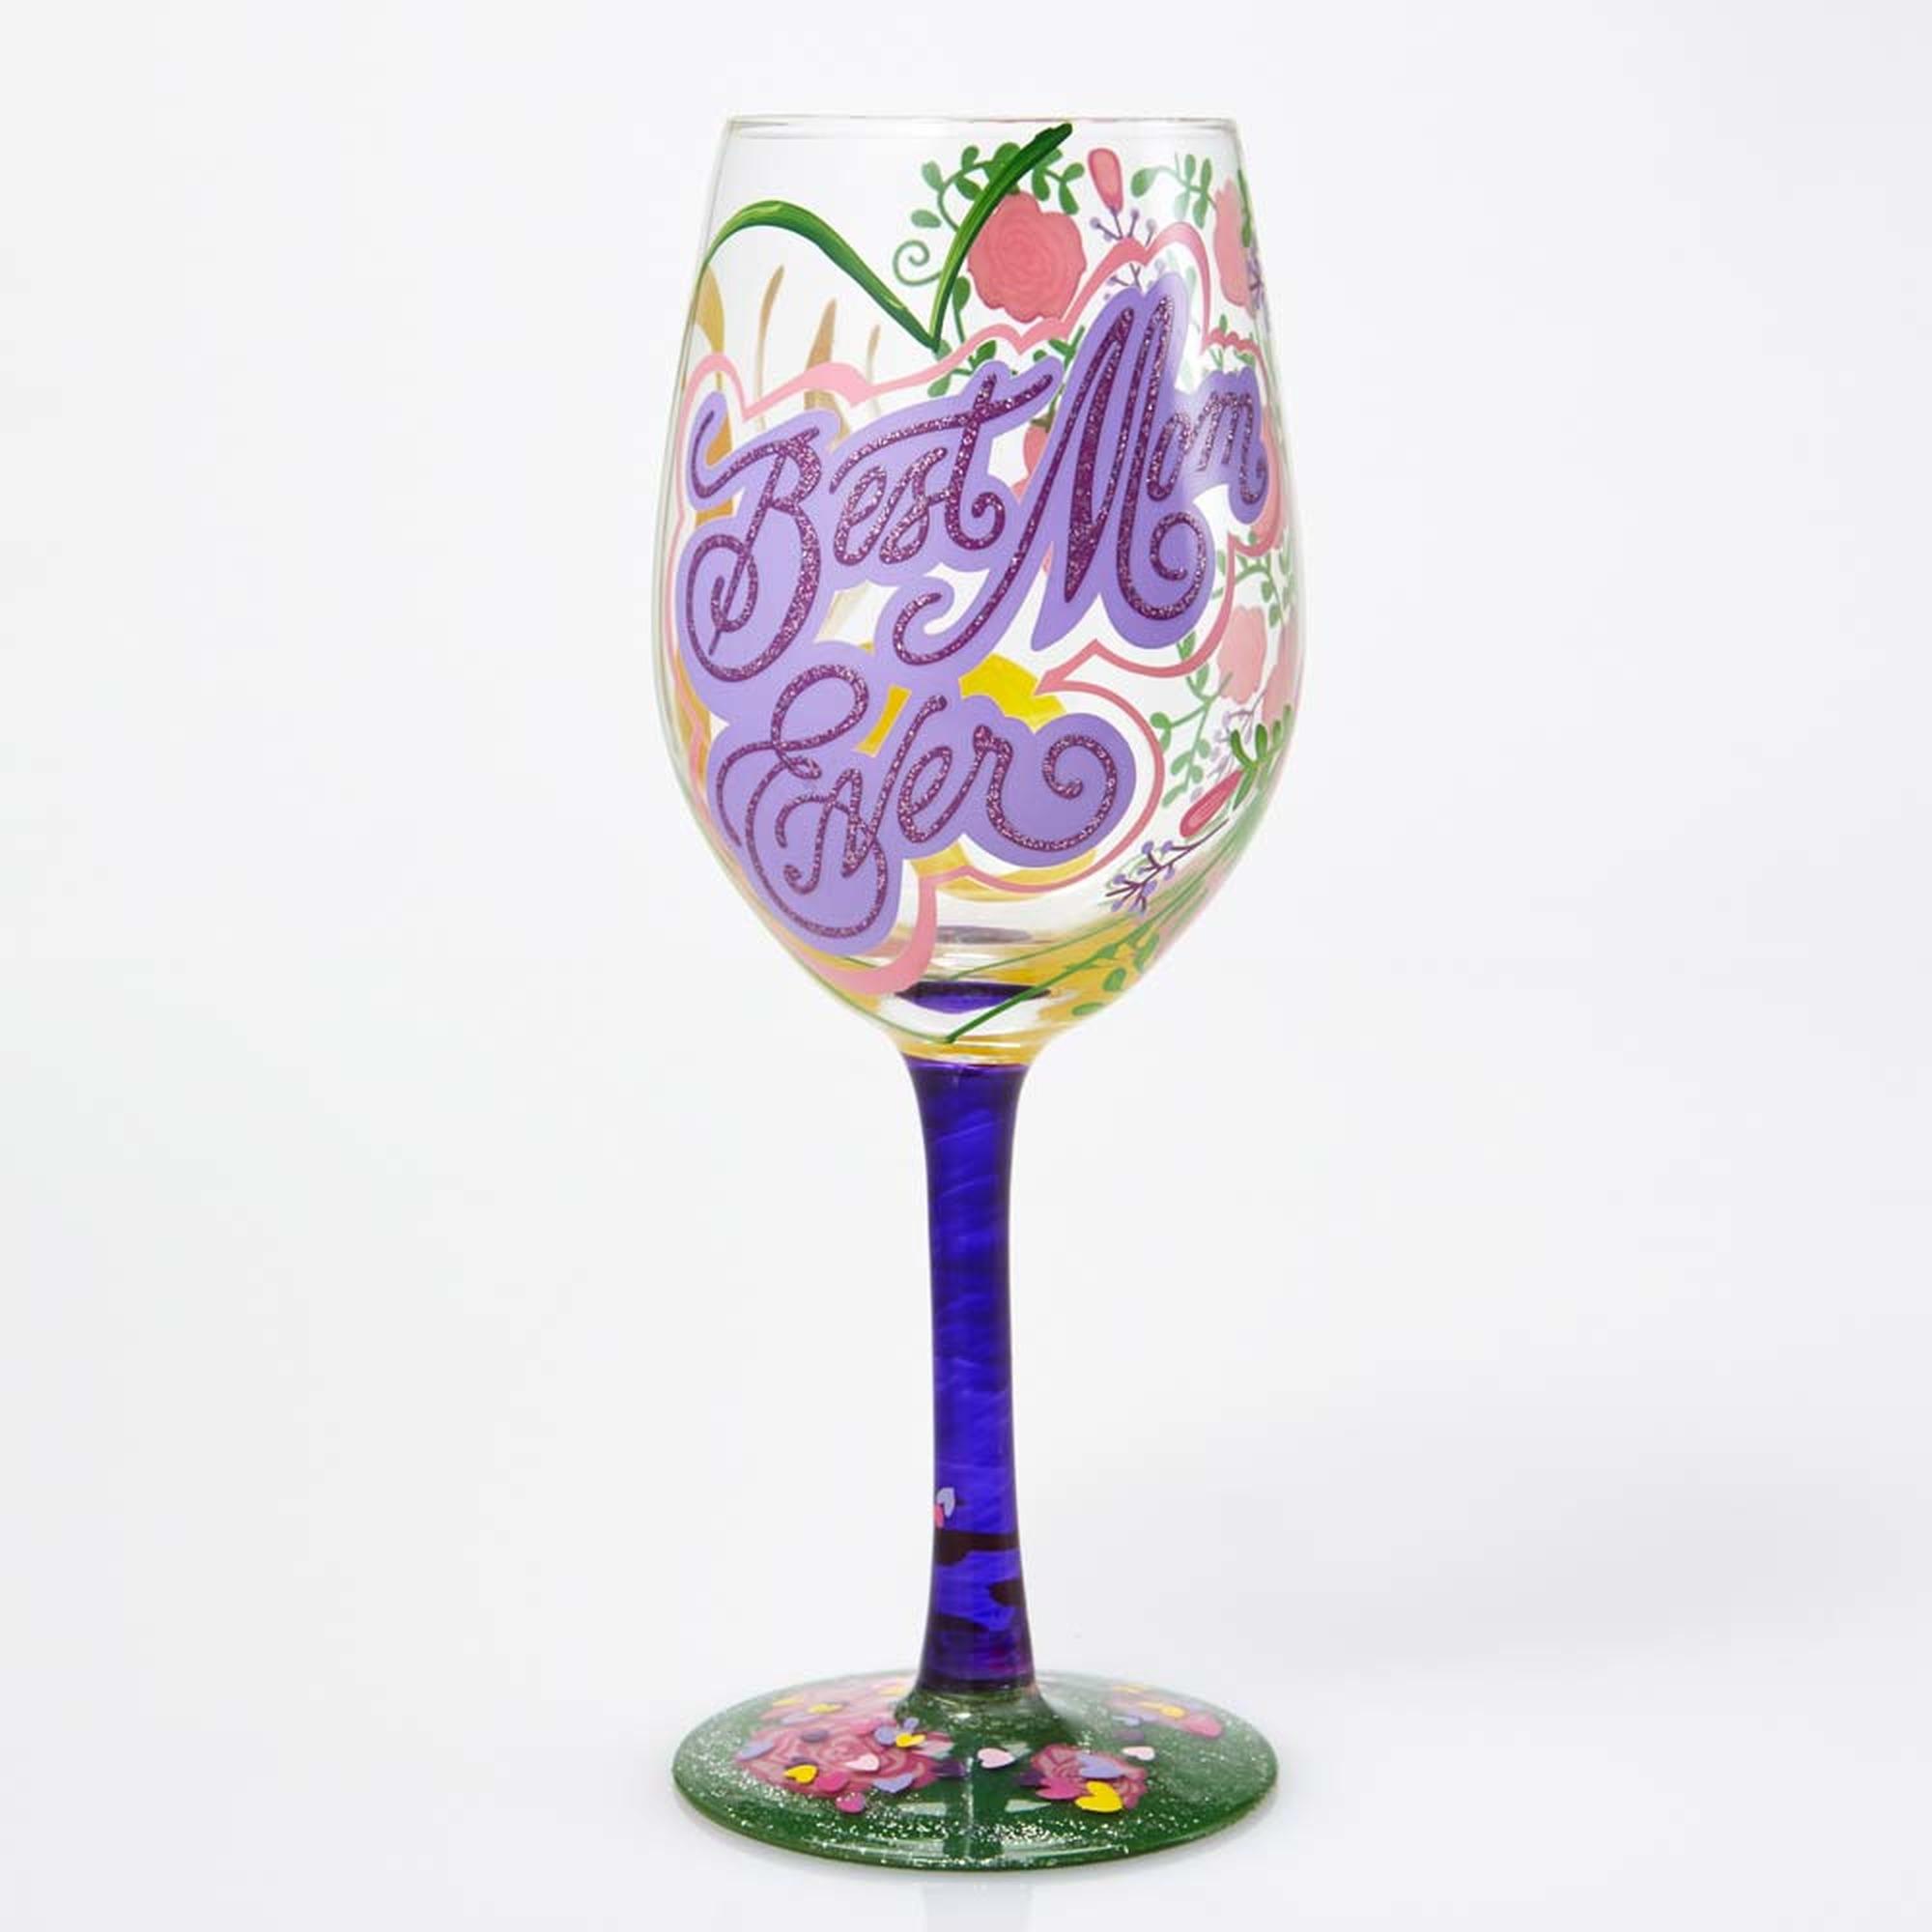 Best Mom Ever - Wine Glass